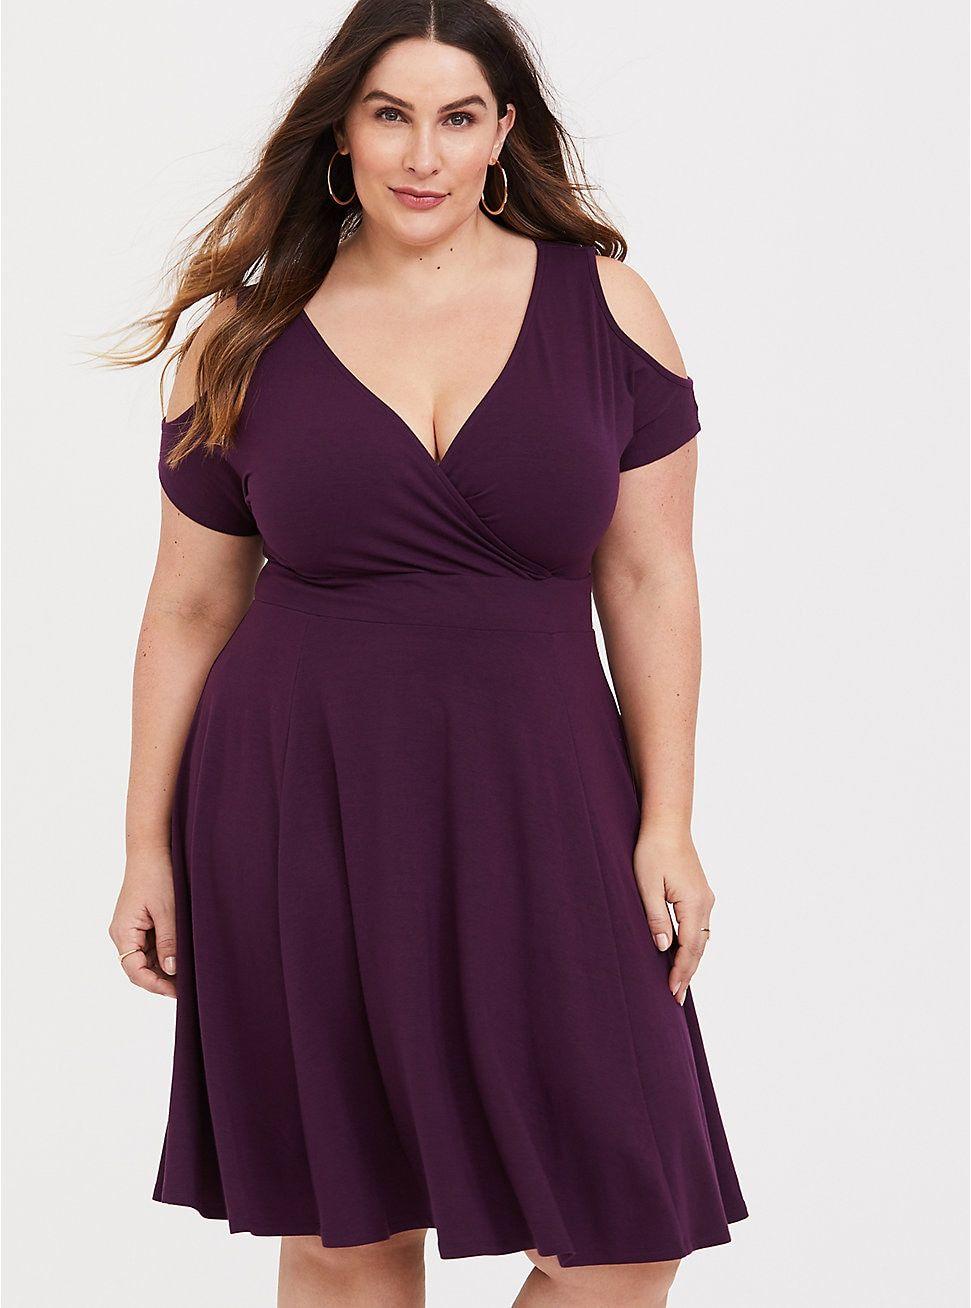 Purple Cold Shoulder Jersey Skater Dress Plus Size Wedding